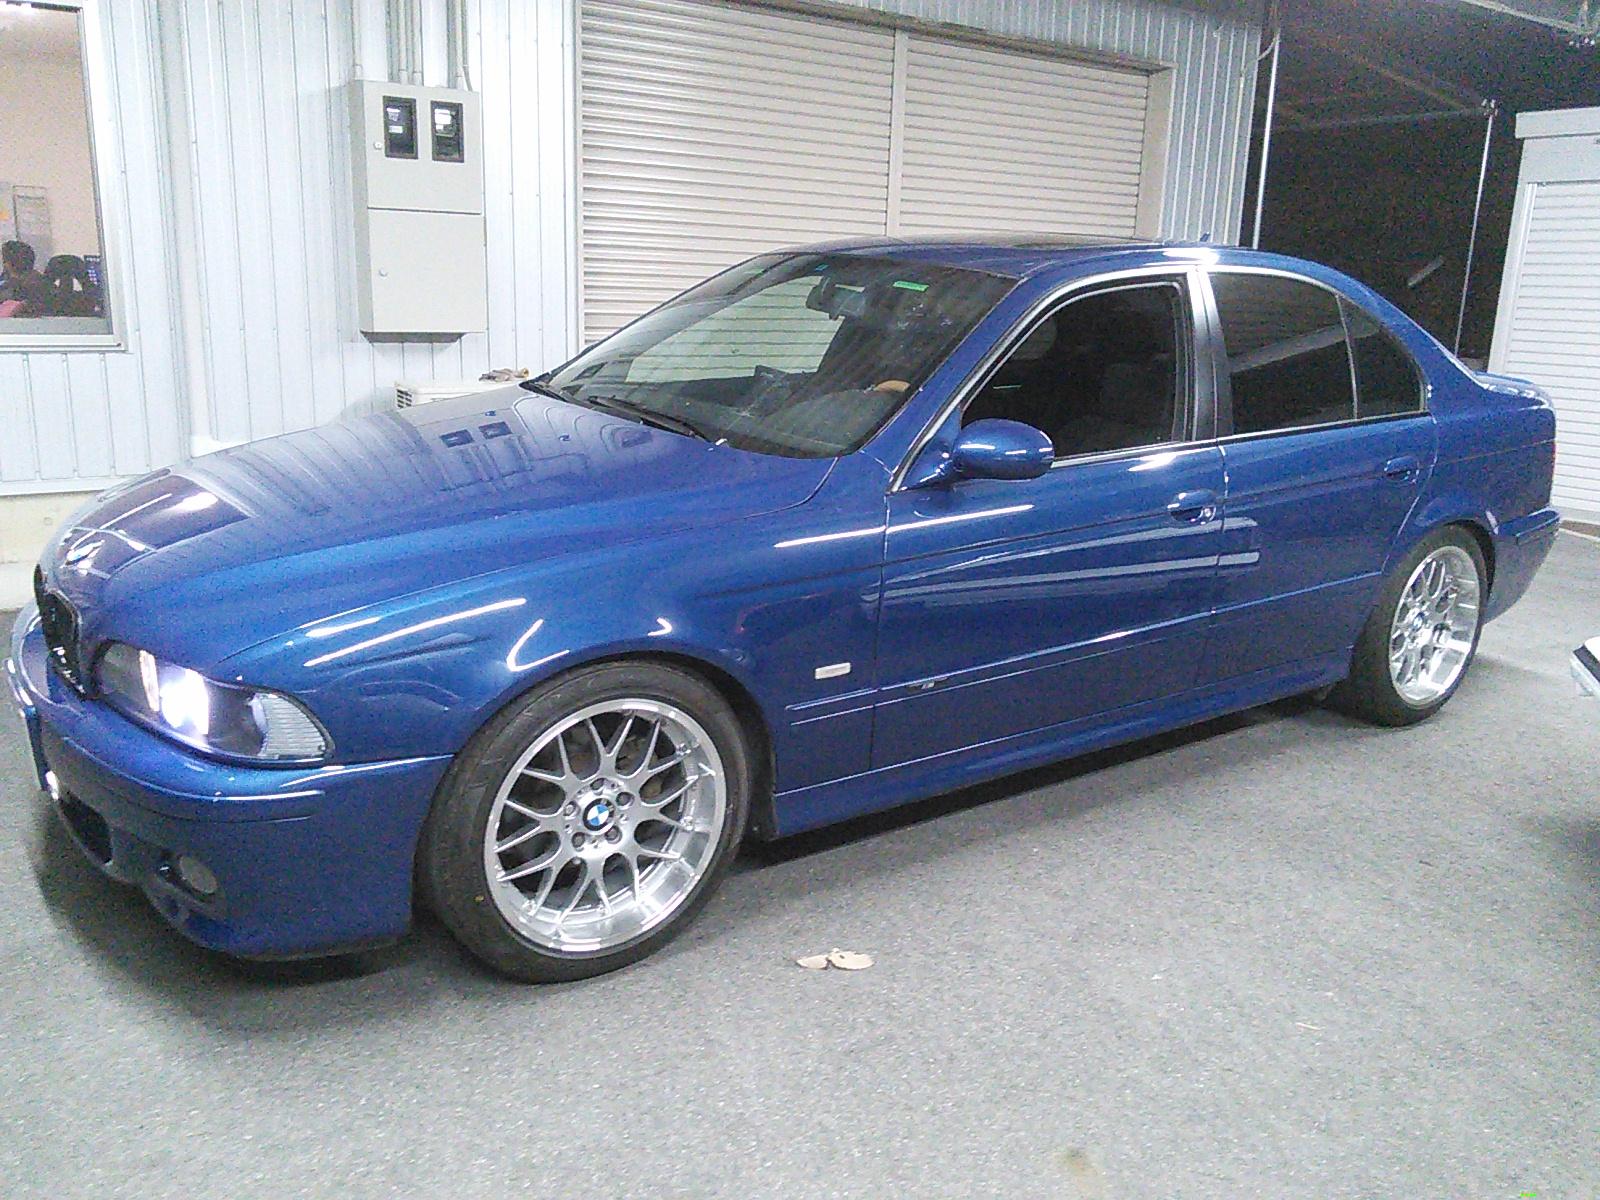 BMW 5シリーズ E39 全塗装 その1   豊田市  板金塗装